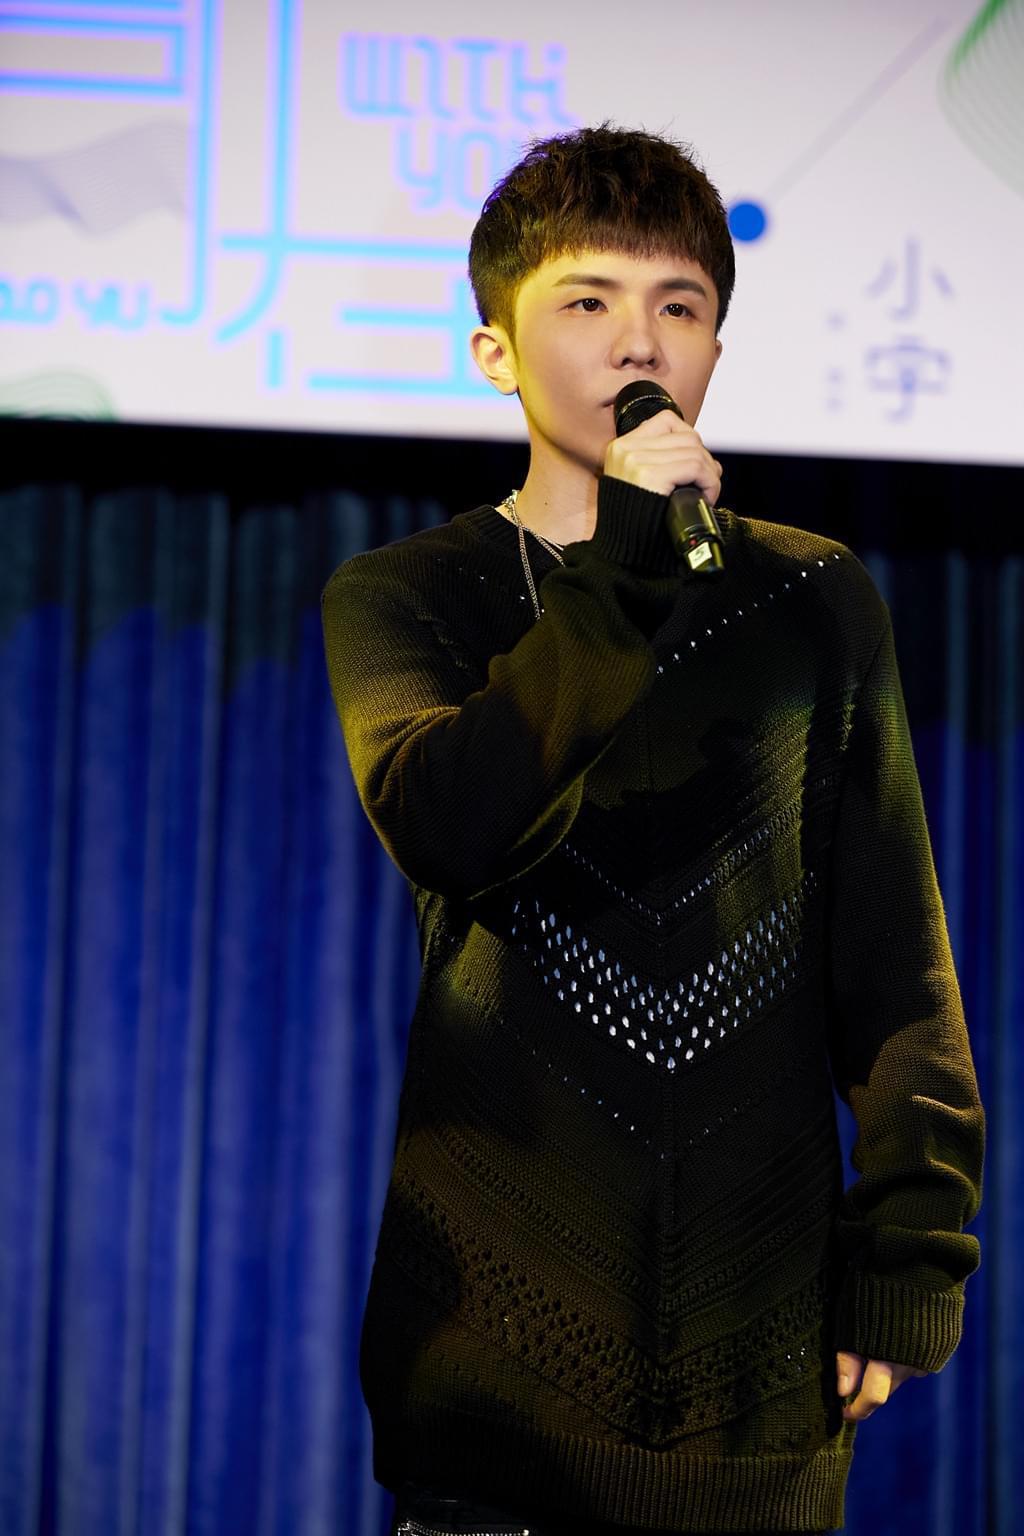 小宇宋念宇北京首办新歌演唱会 师姐袁娅维仗义到场贴心送黑胶